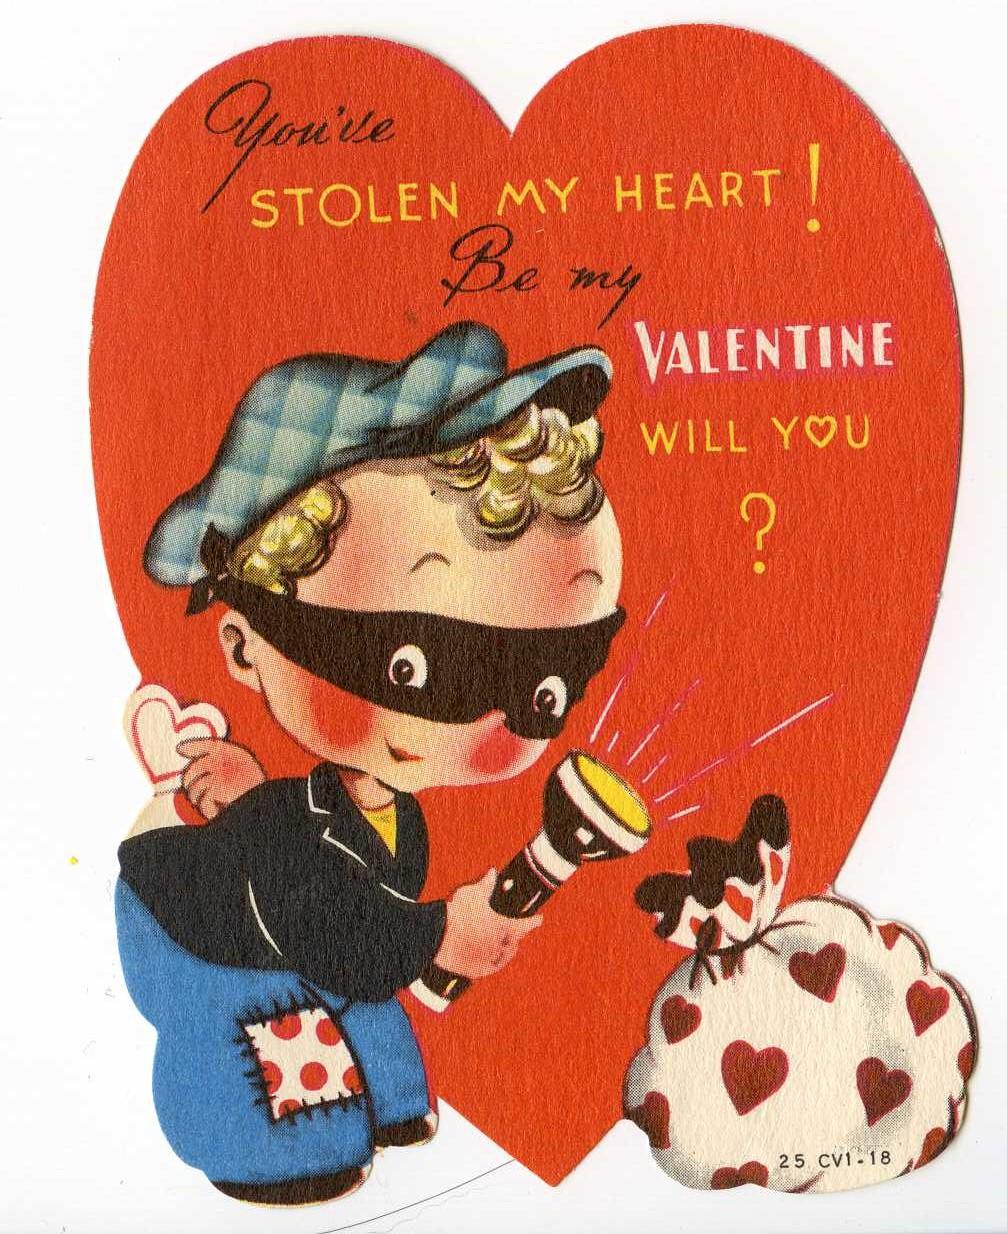 Những hình ảnh Valentine lãng mạn cho bạn gái